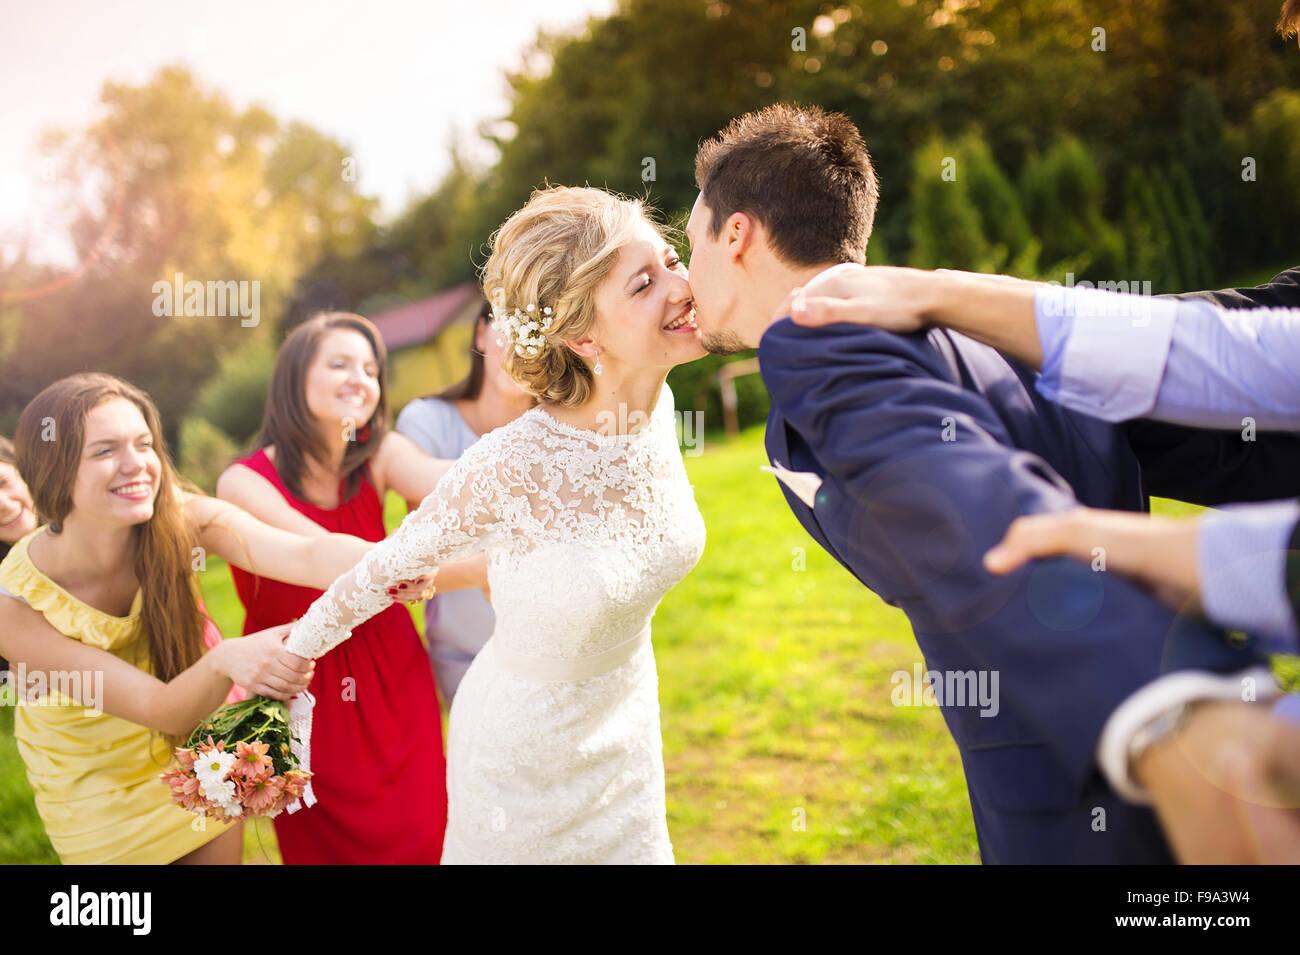 Gracioso retrato de novia pareja besándose, damas de honor y padrino tirando de ellos lejos en el verde parque Imagen De Stock